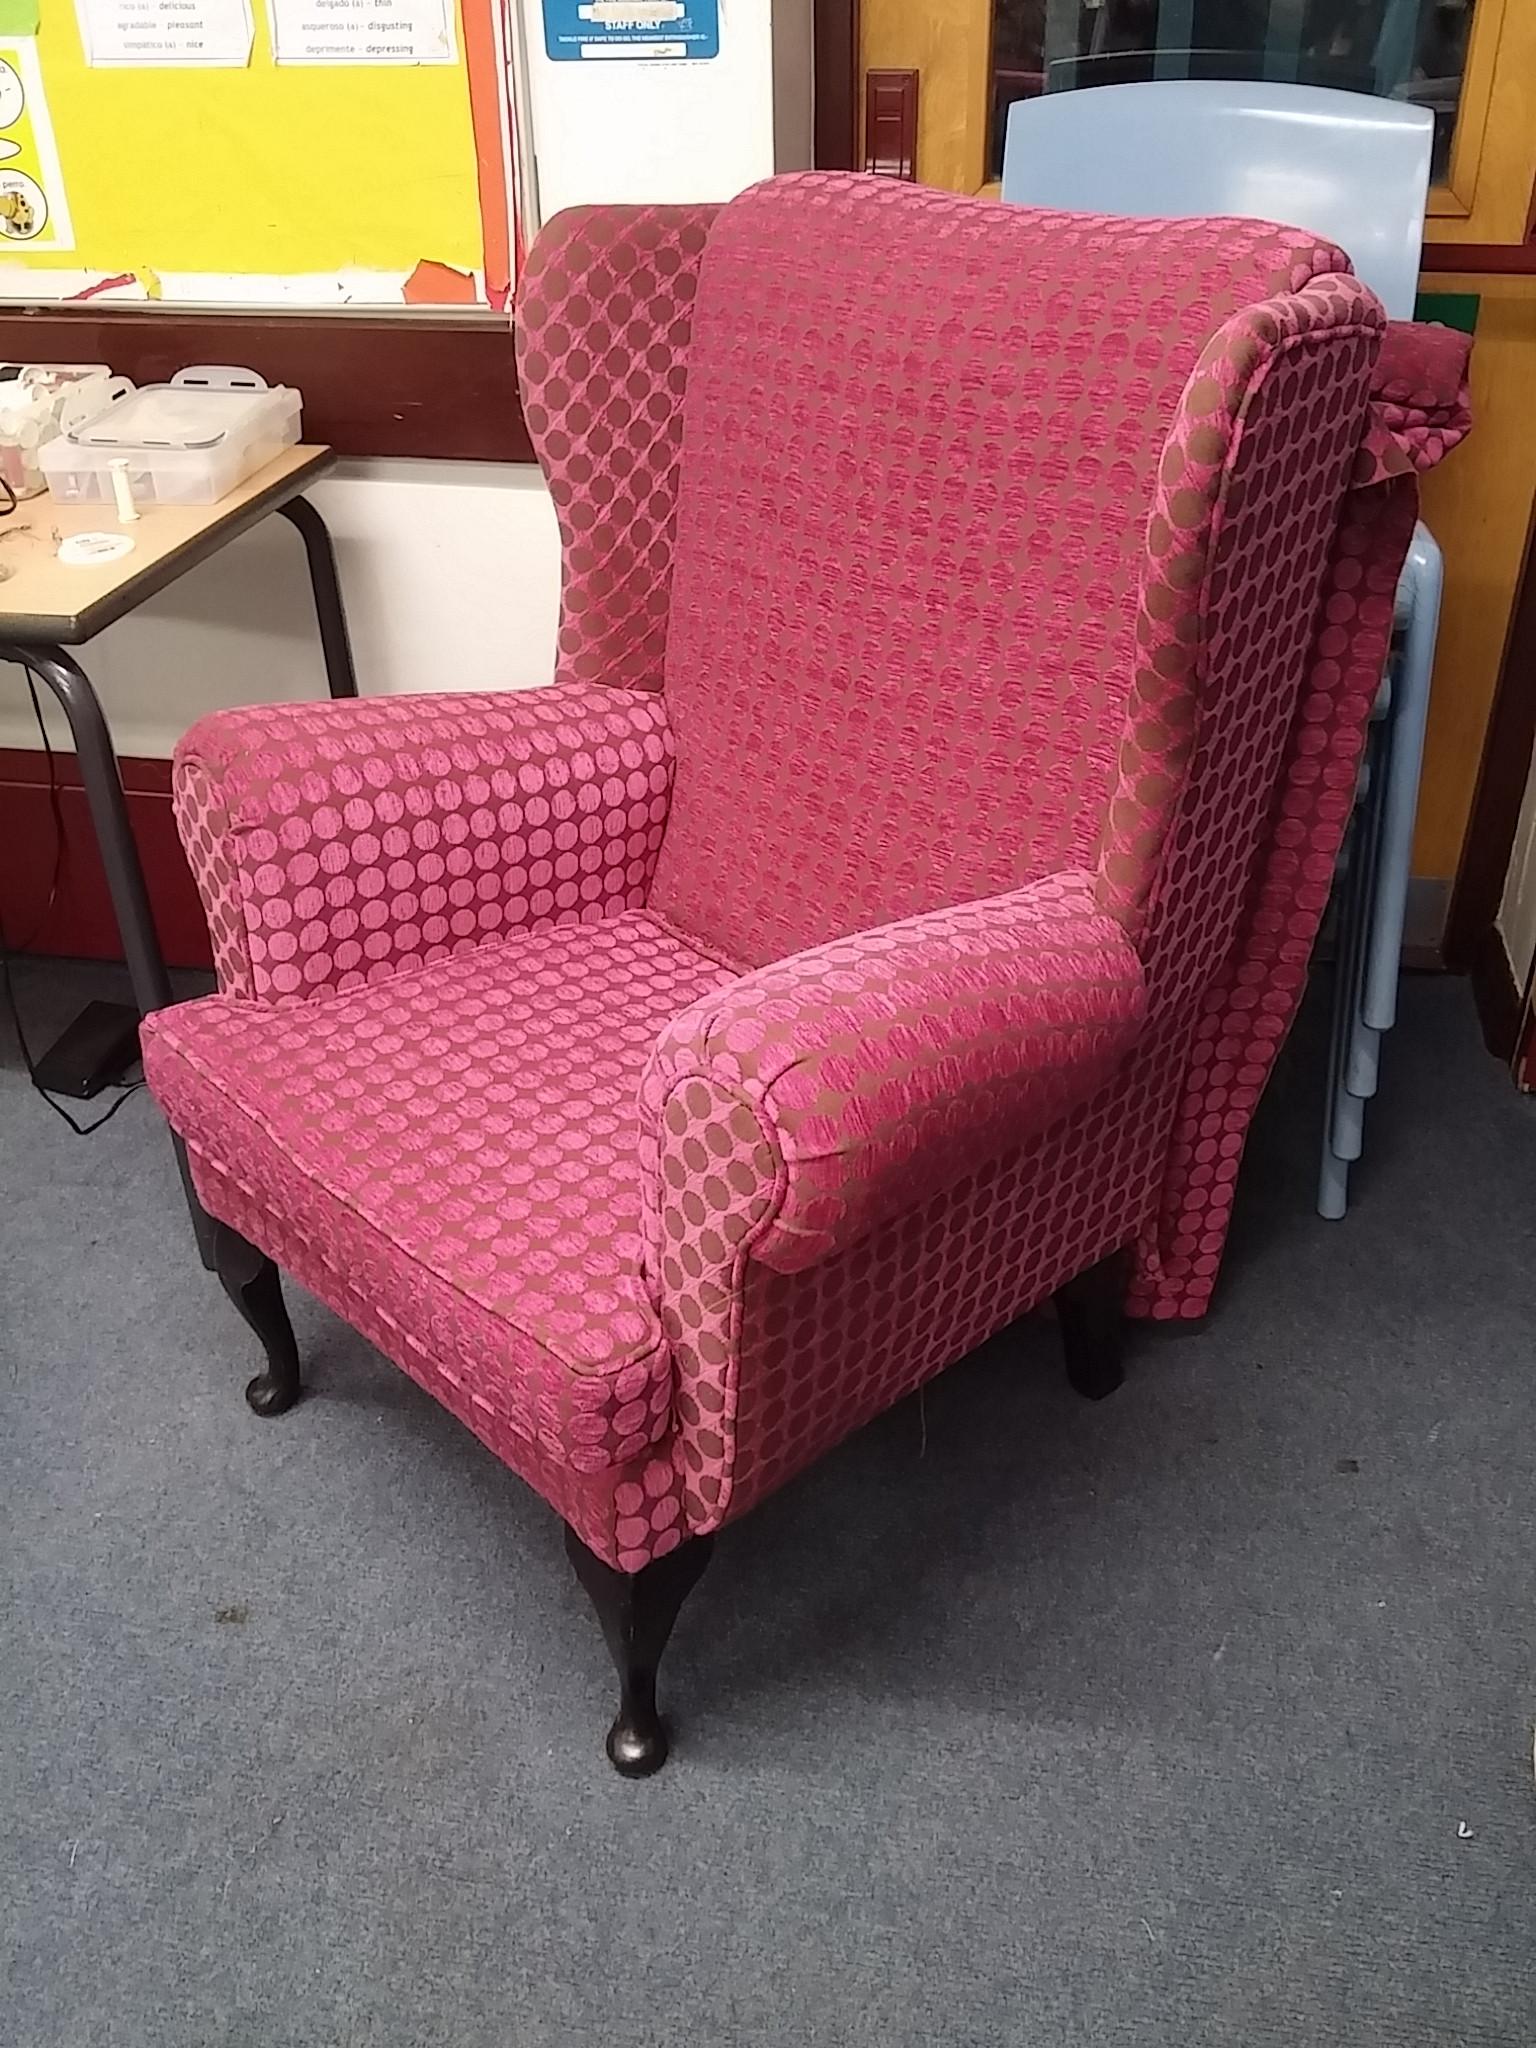 Upholstery - Sept - Thursday evening